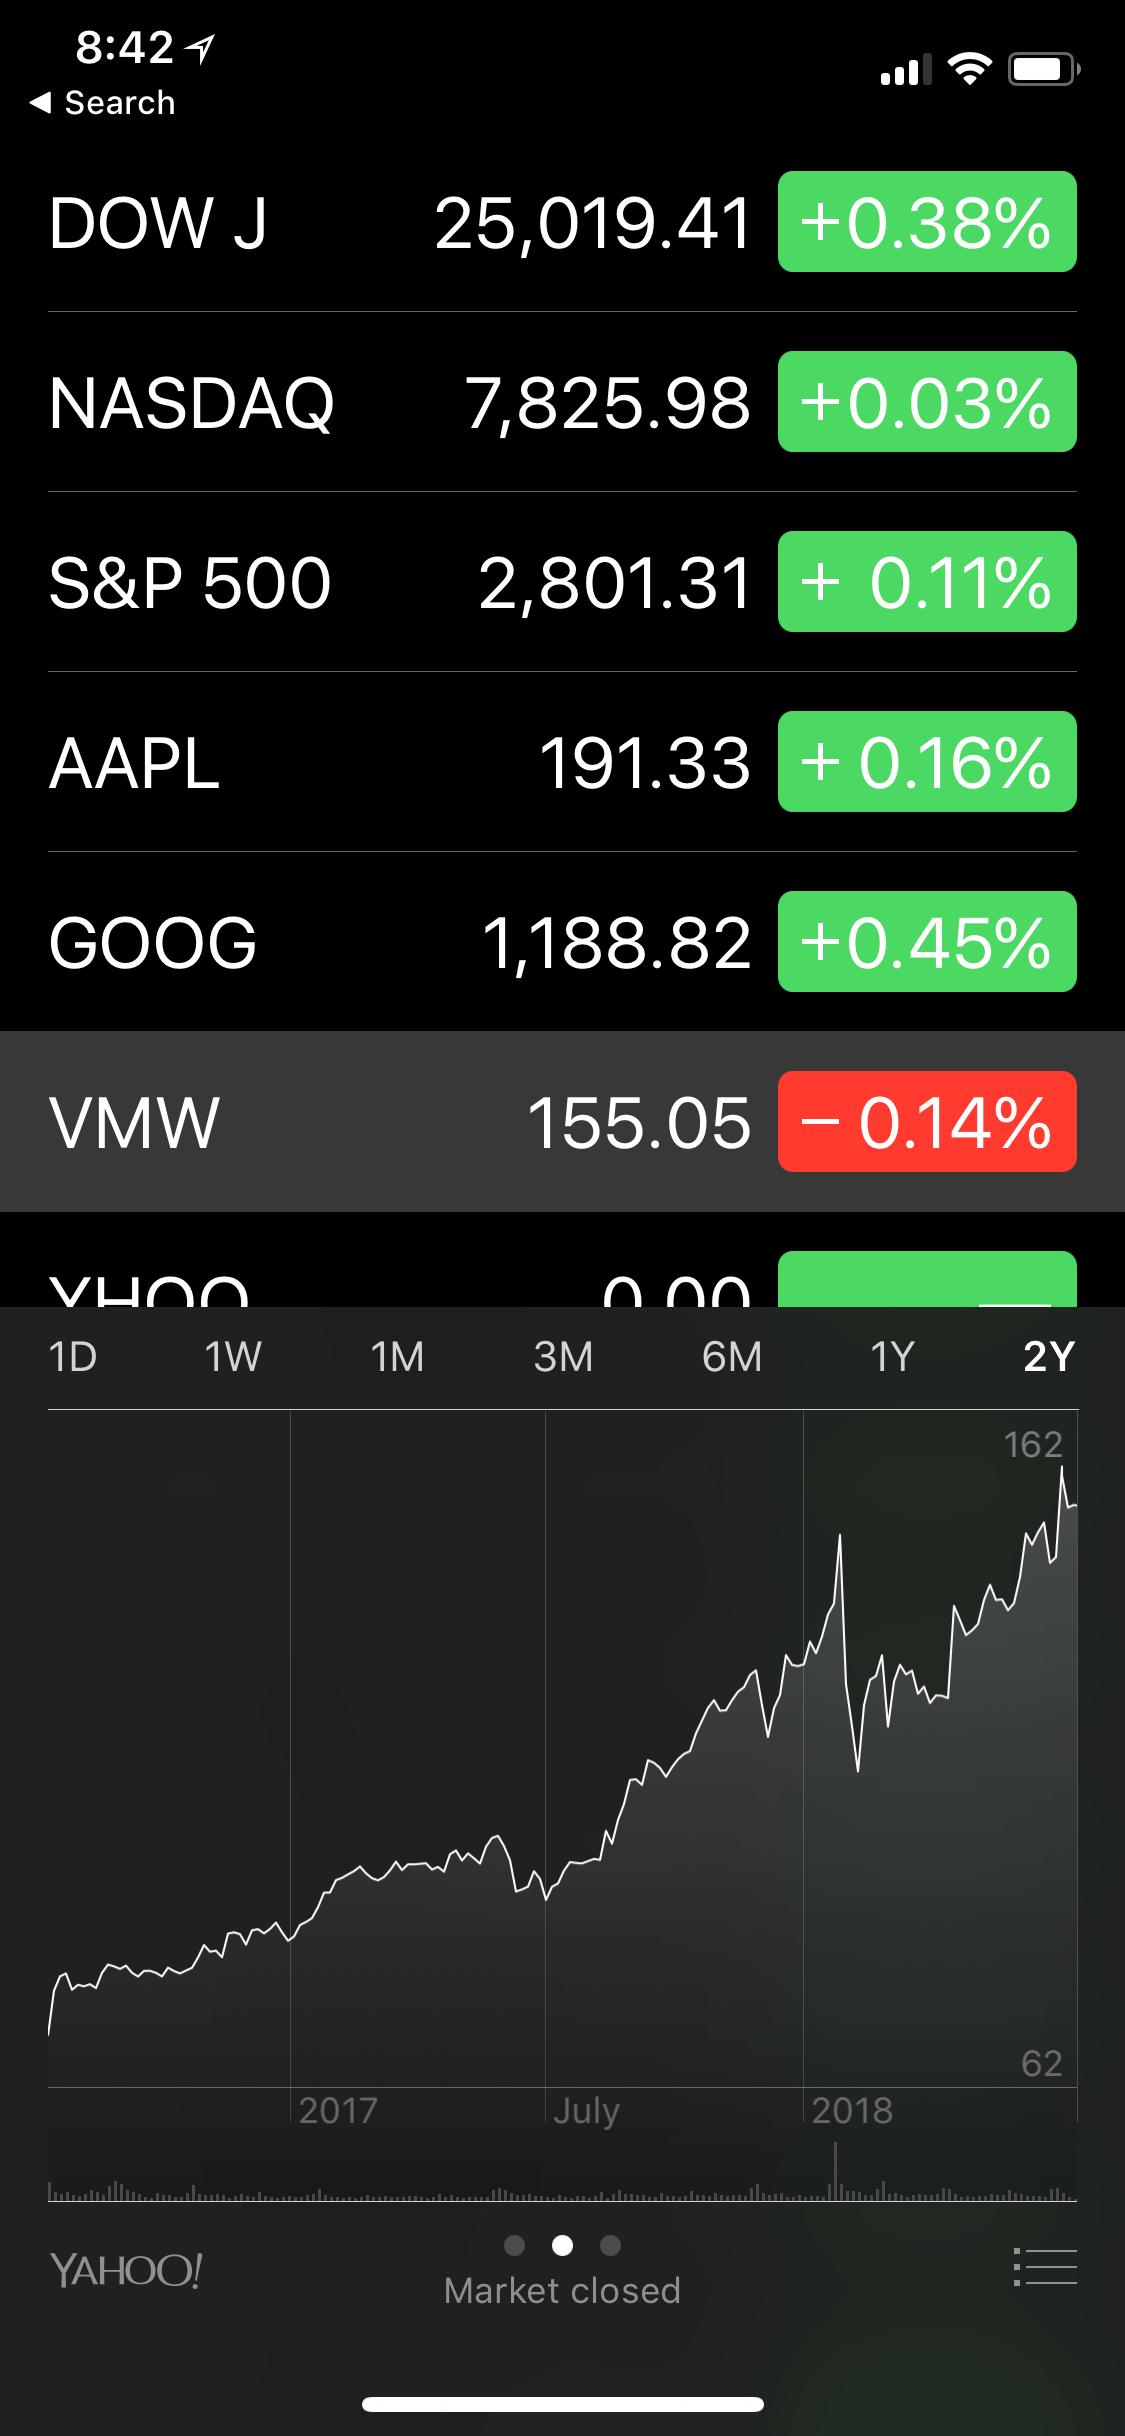 屏幕的下半部分是一个旋转木马,股票图表和小点